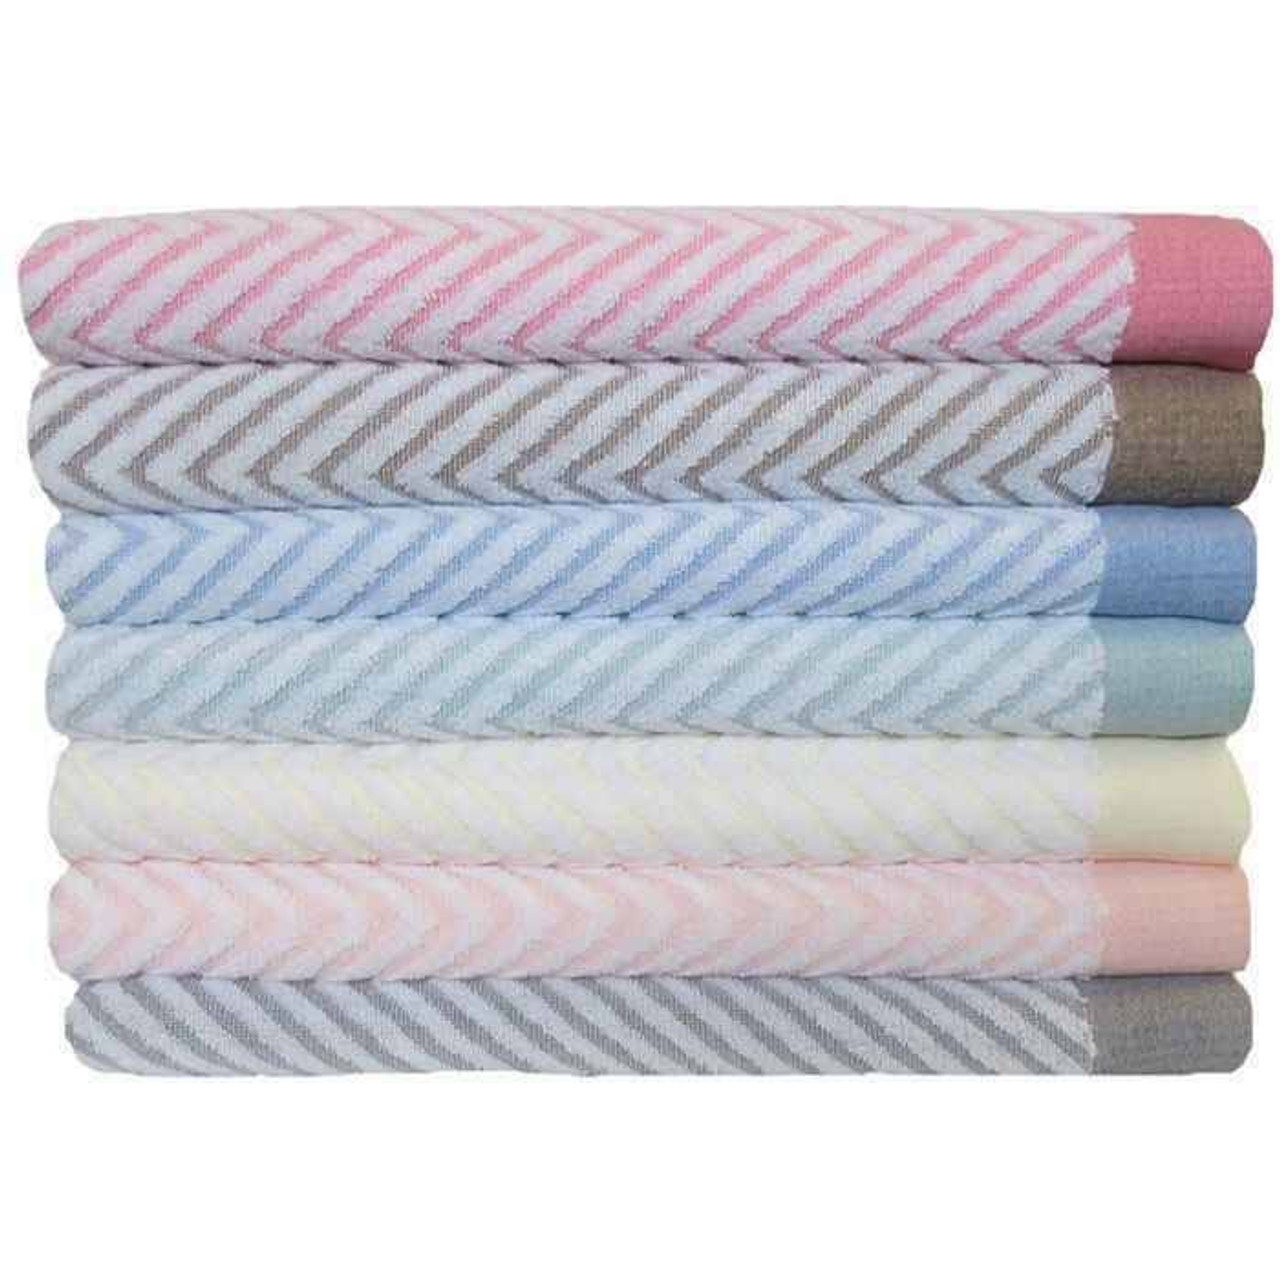 1888 Mills 1888 Mills Bath Sheets or Fibertone Chevron Jaquard Towel